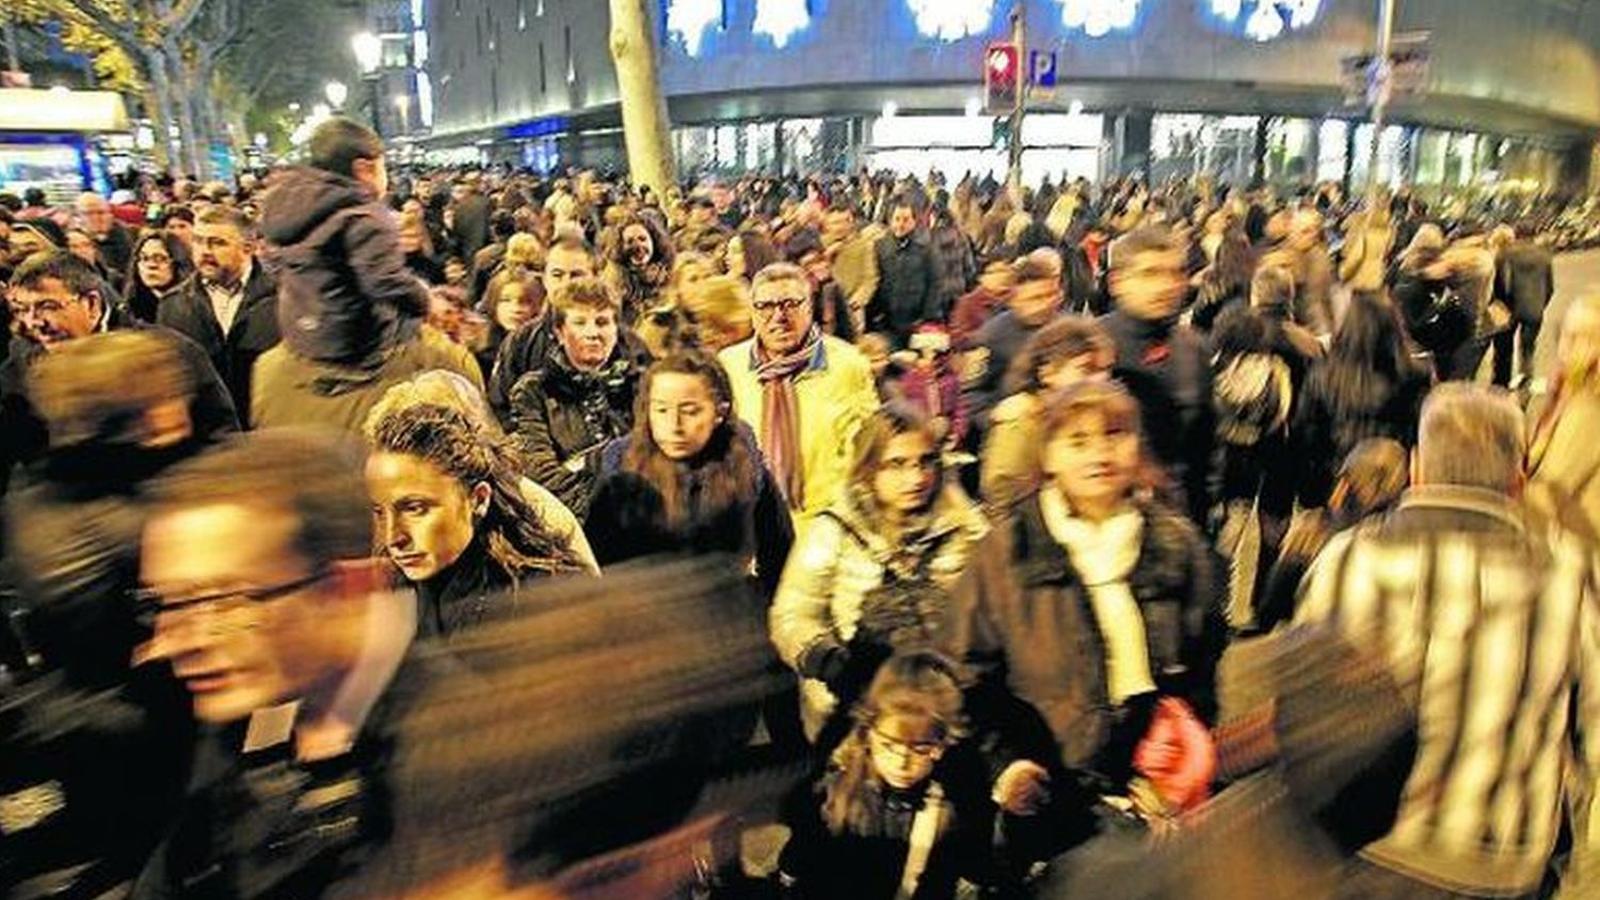 El Black Friday és un dia de grans descomptes a botigues i centres comercials / MANOLO GARCIA